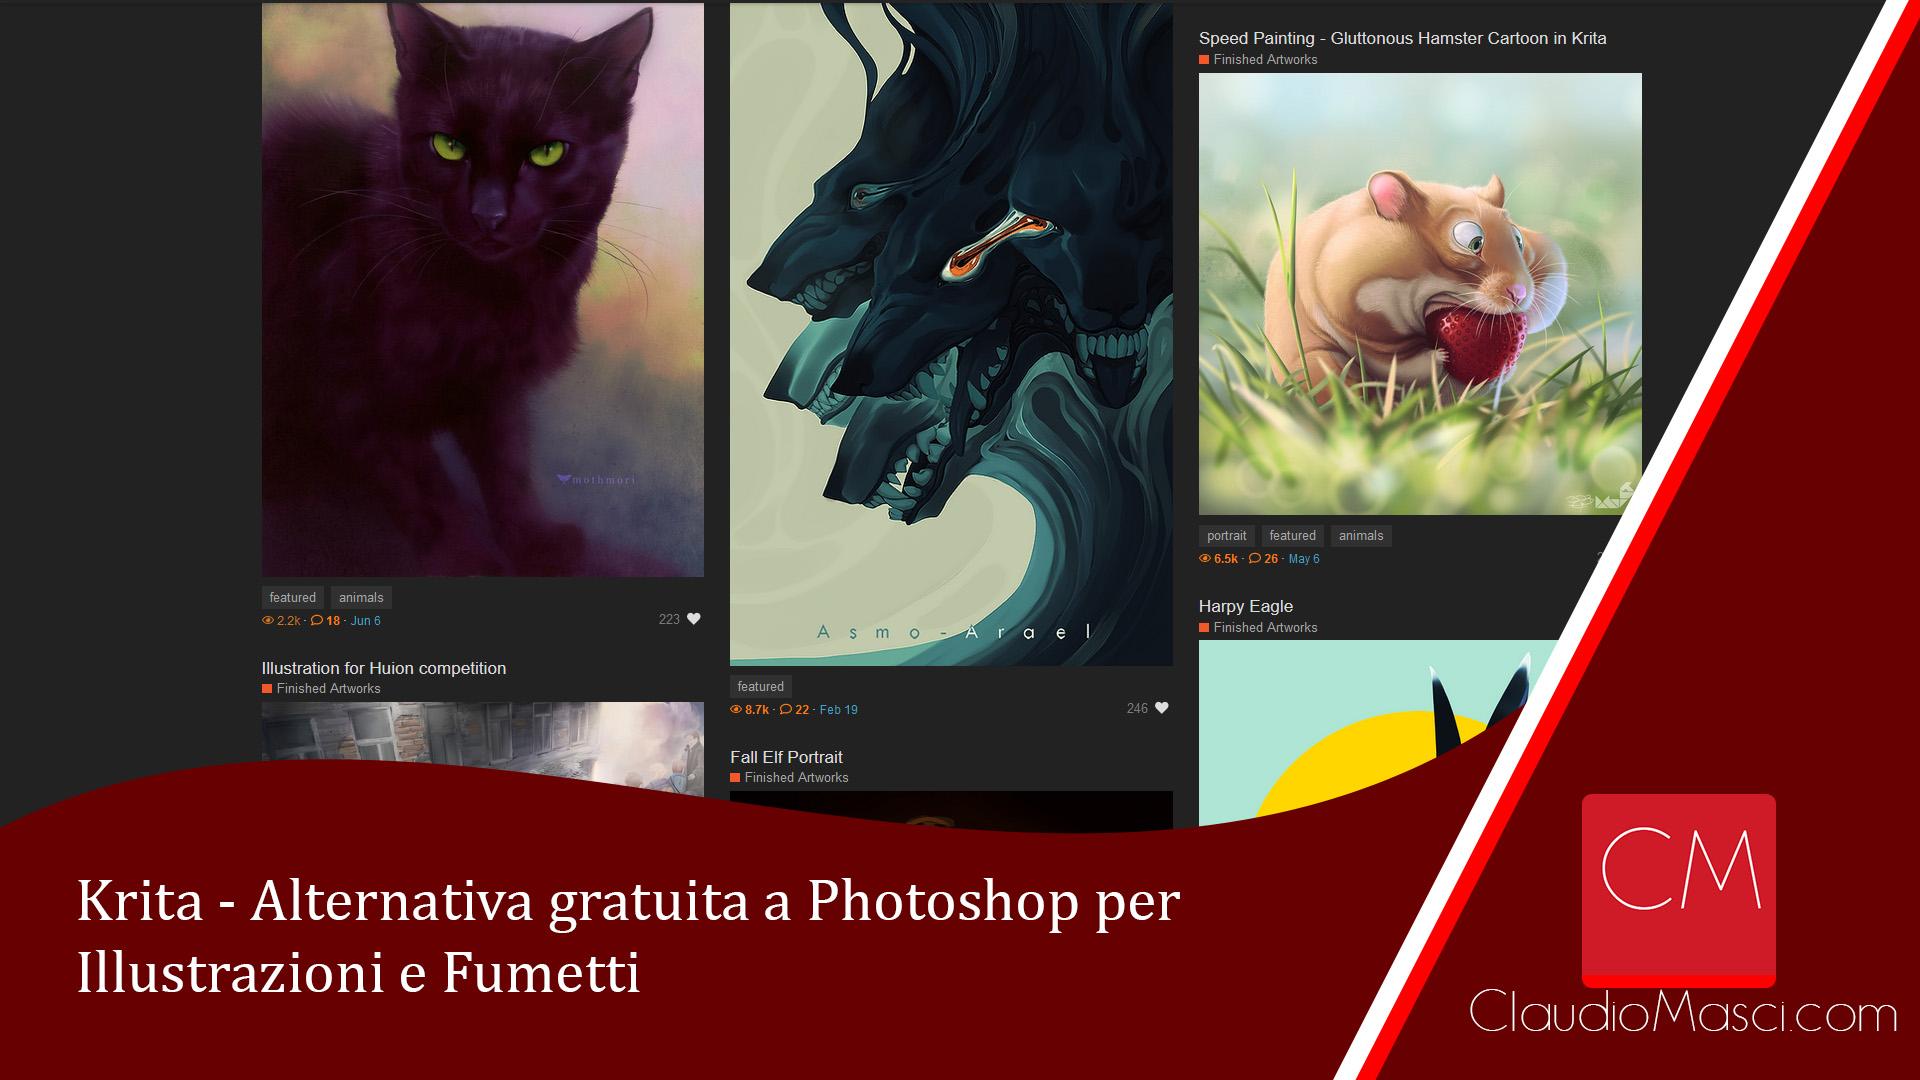 Krita – Alternativa gratuita a Photoshop per Illustrazioni e Fumetti